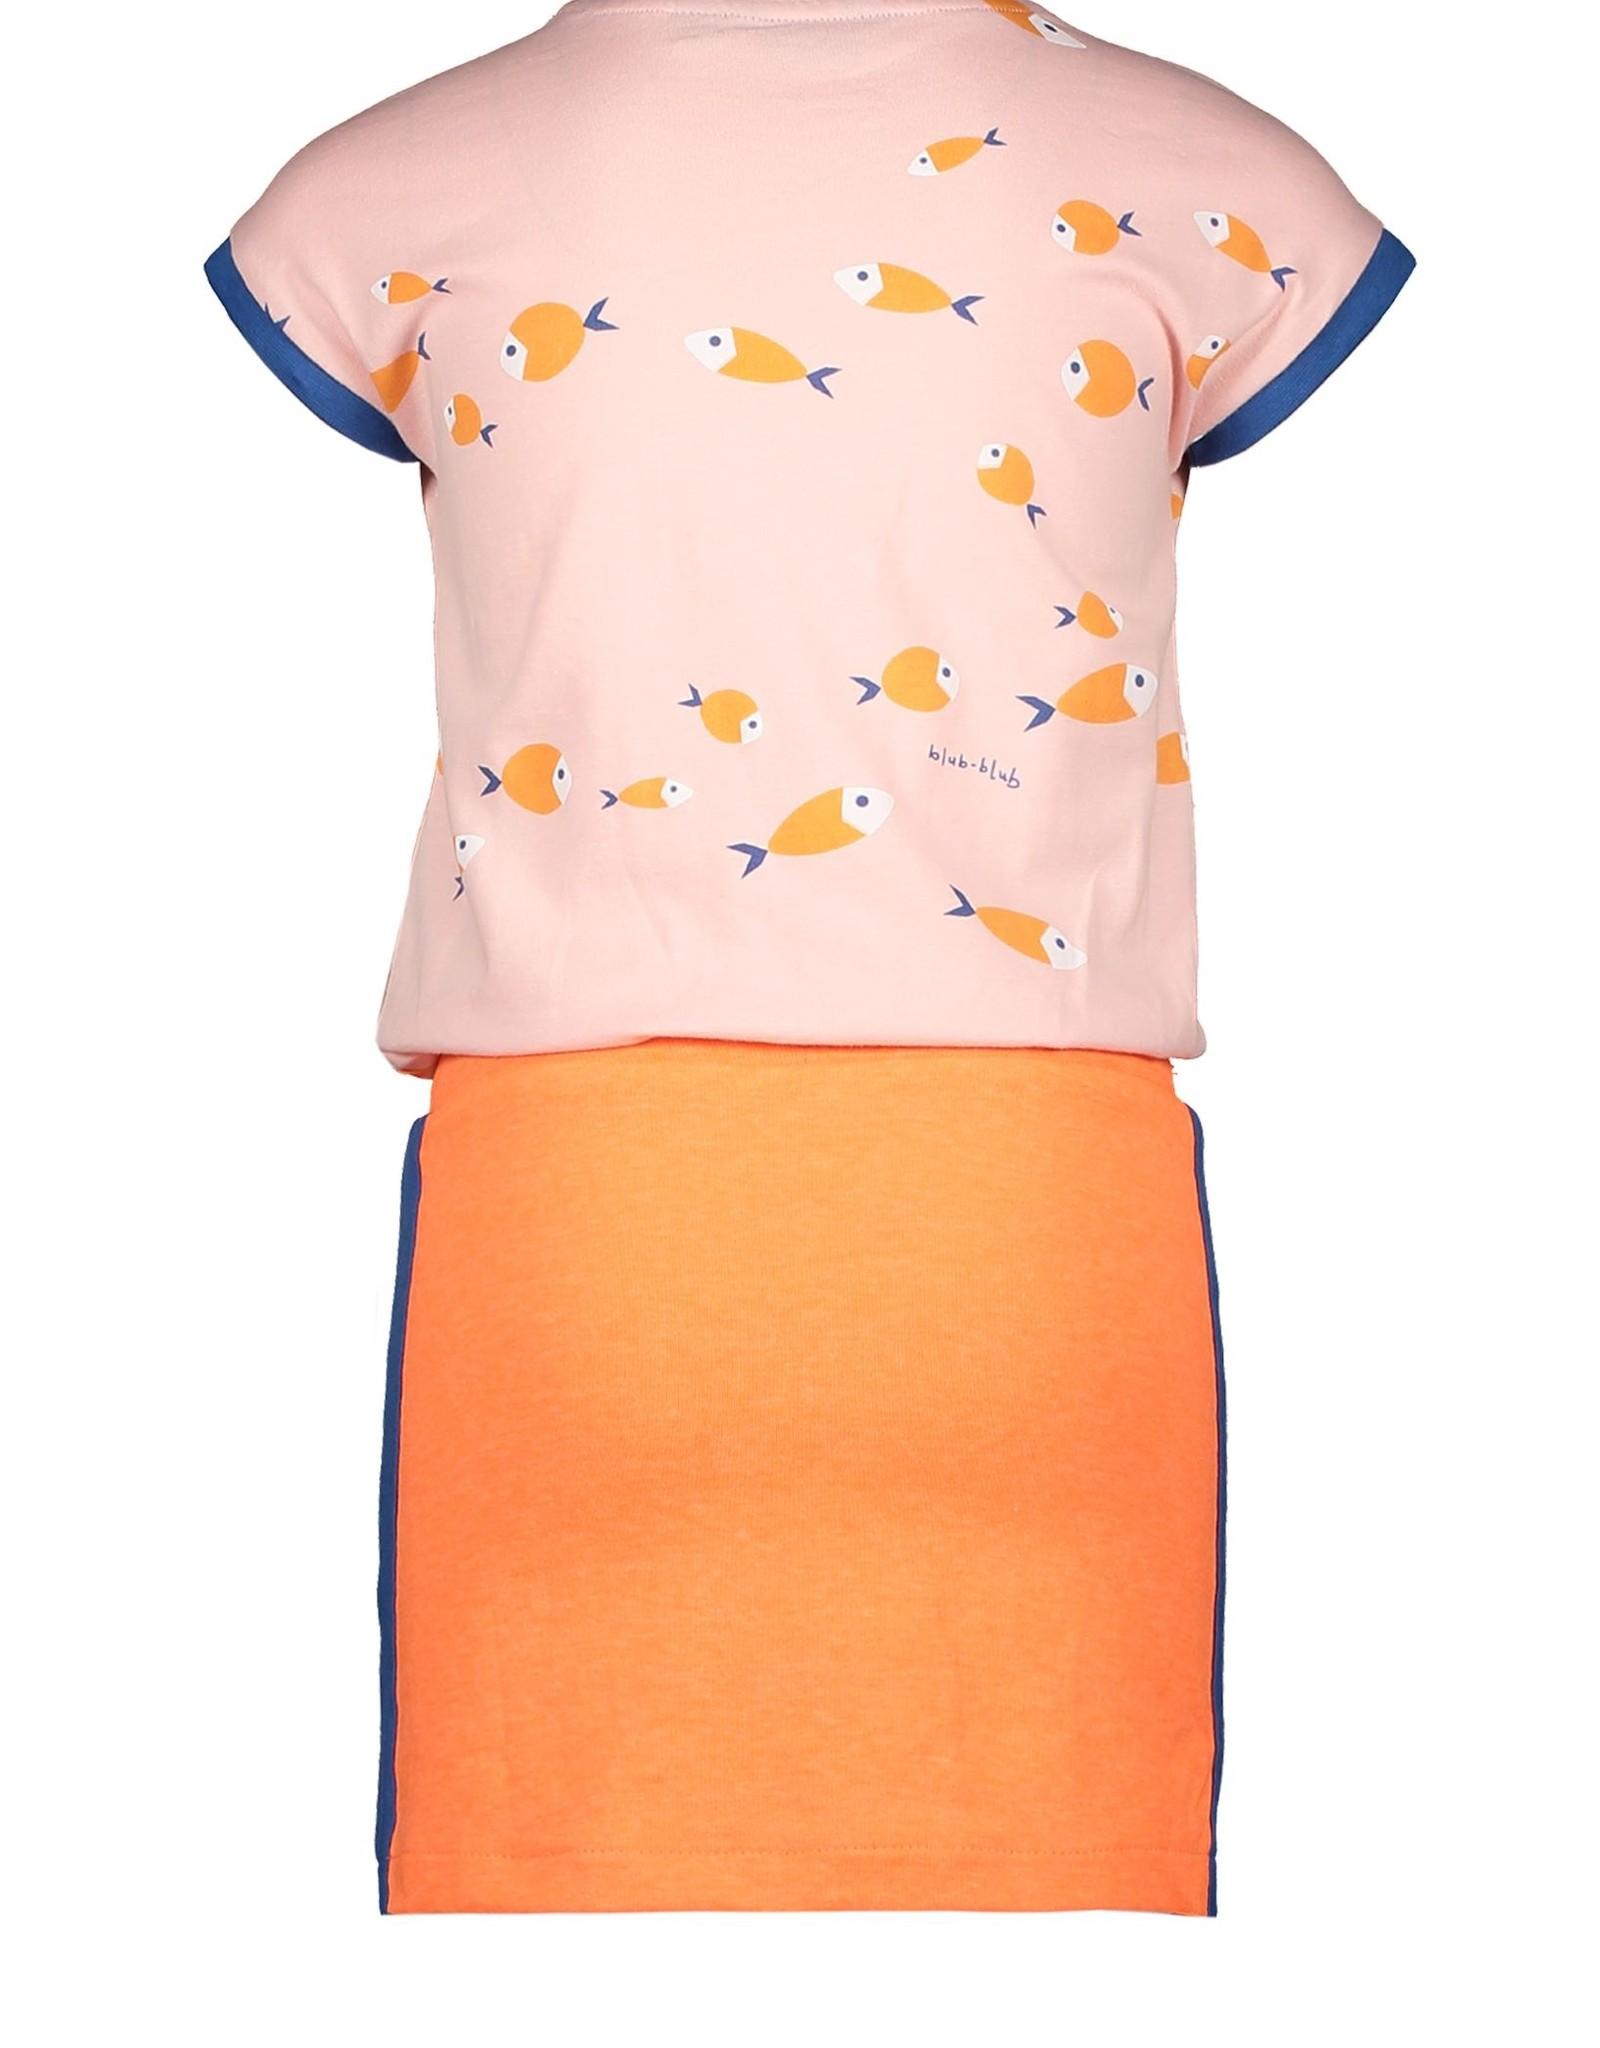 Moodstreet Moodstreet jurkje 5850 blush pink